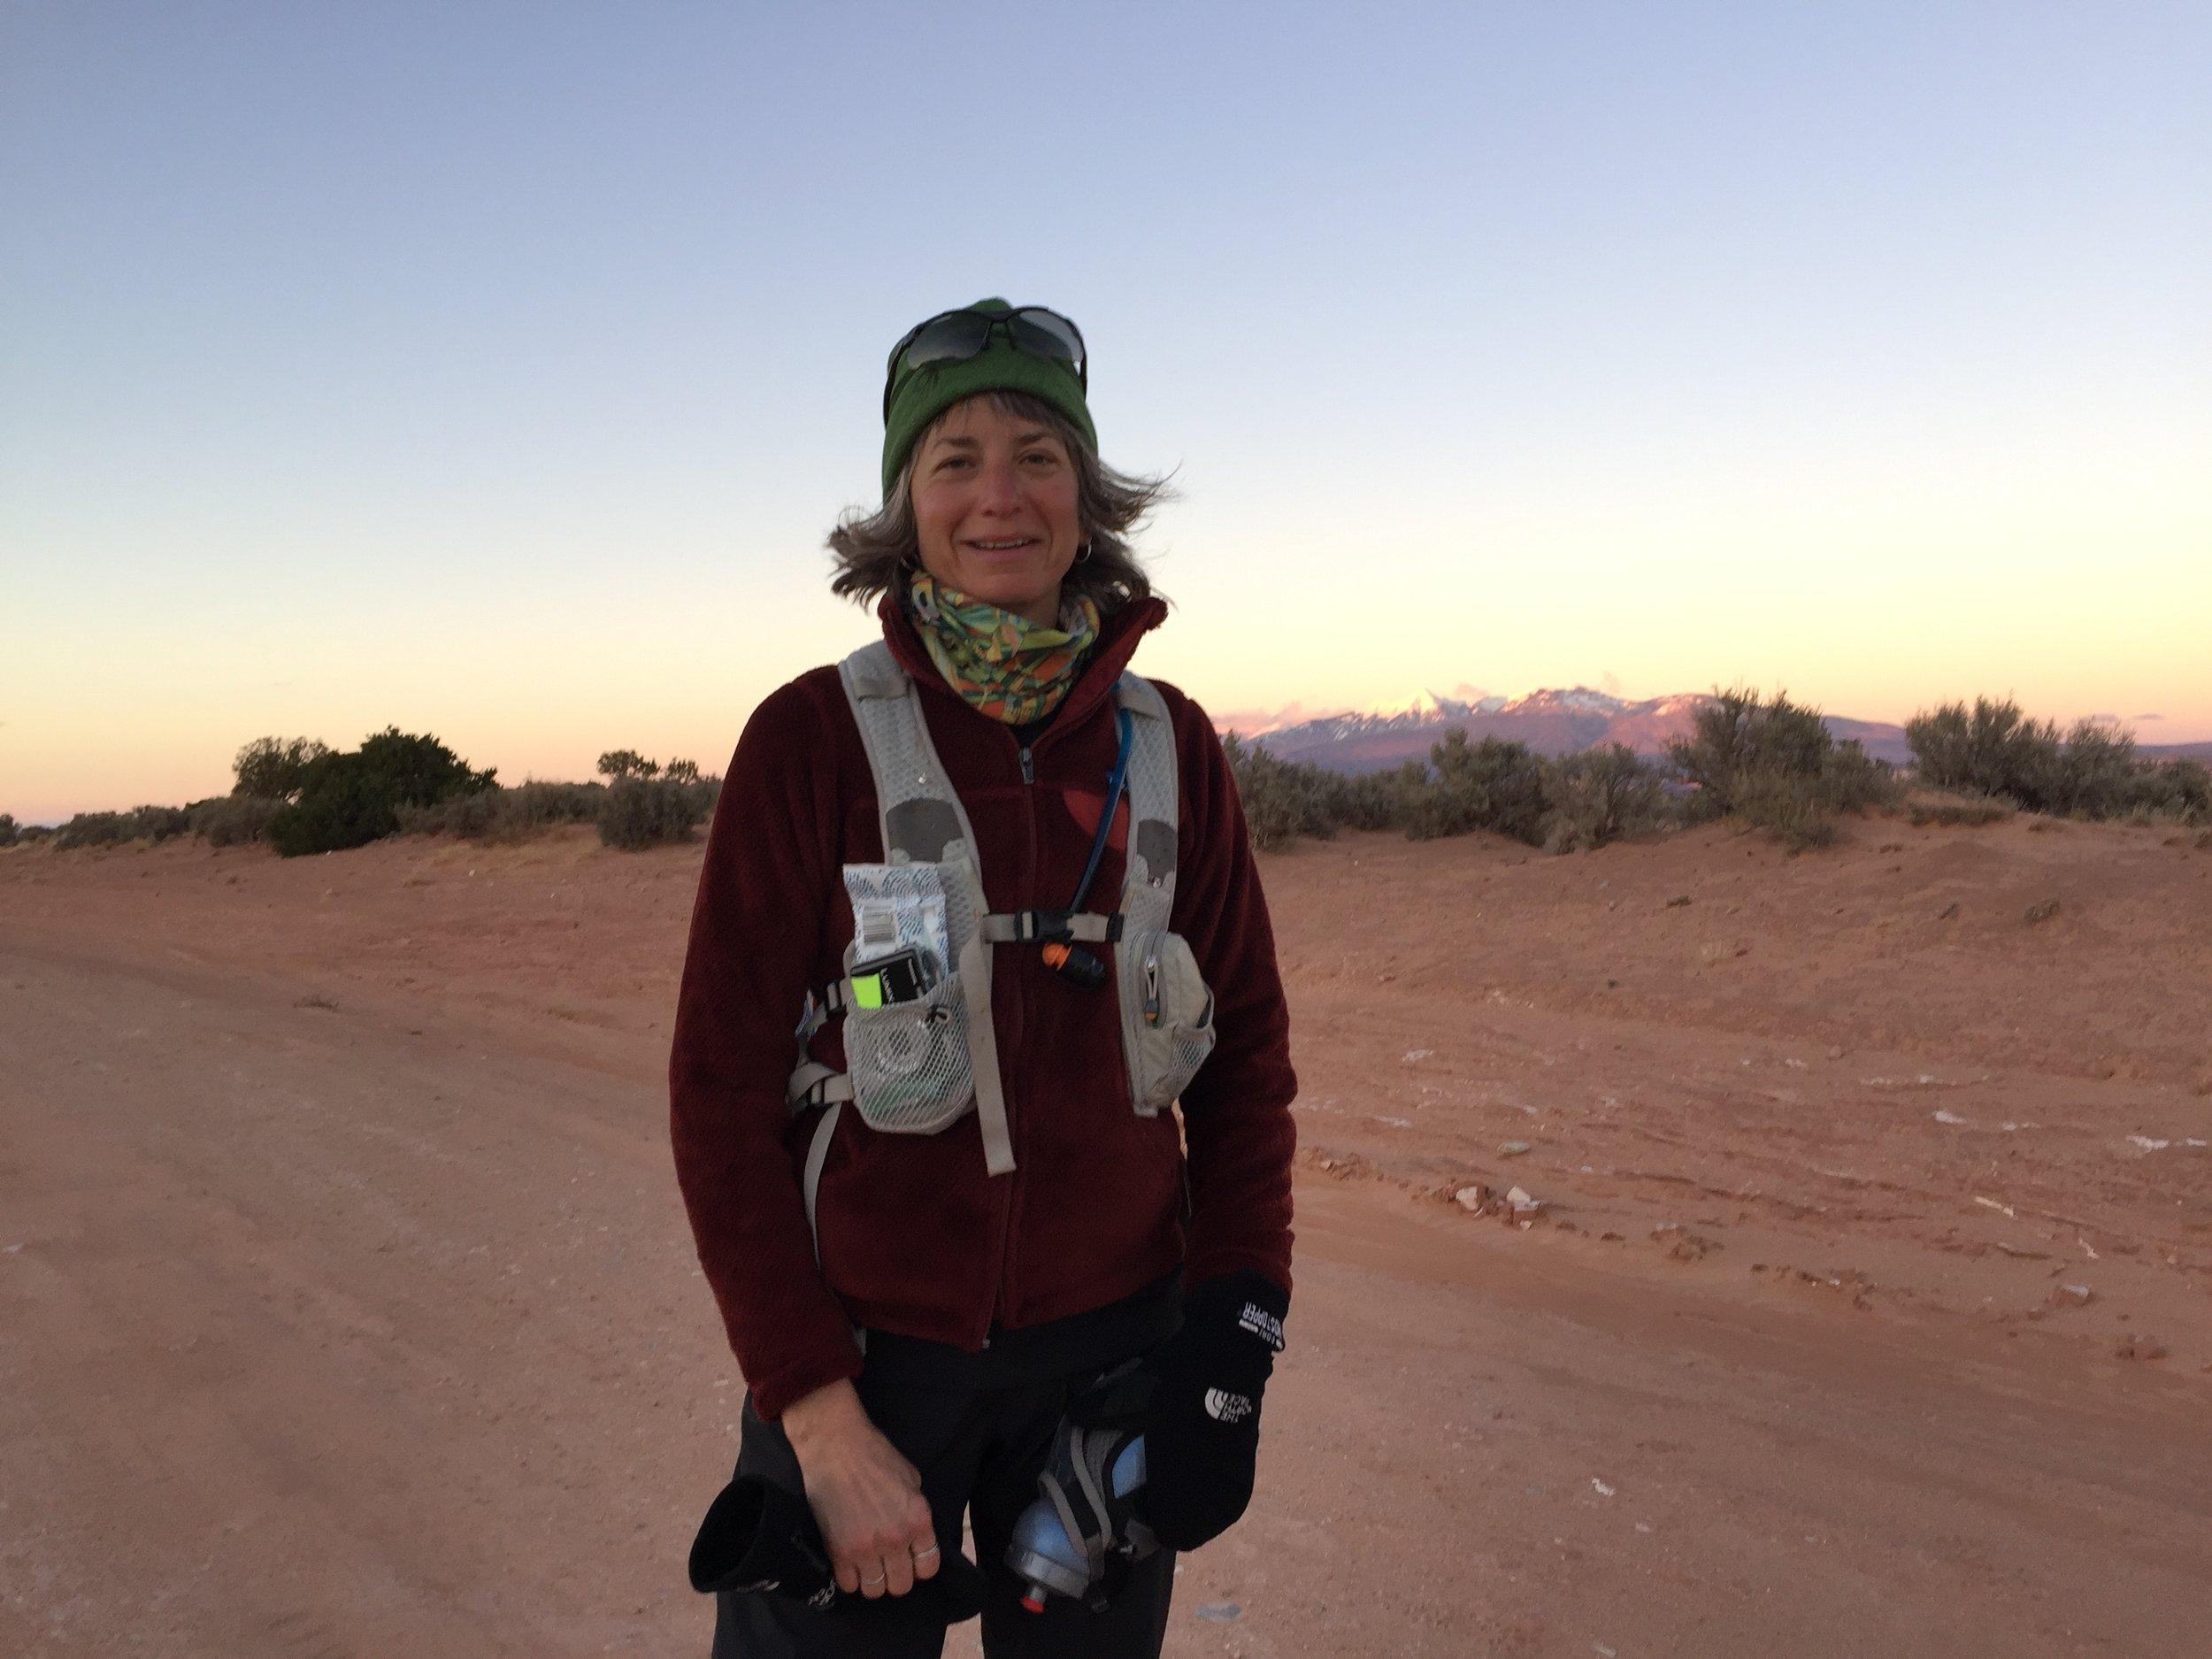 Susan Donnelly at Moab 240 mile ultramarathon endurance race